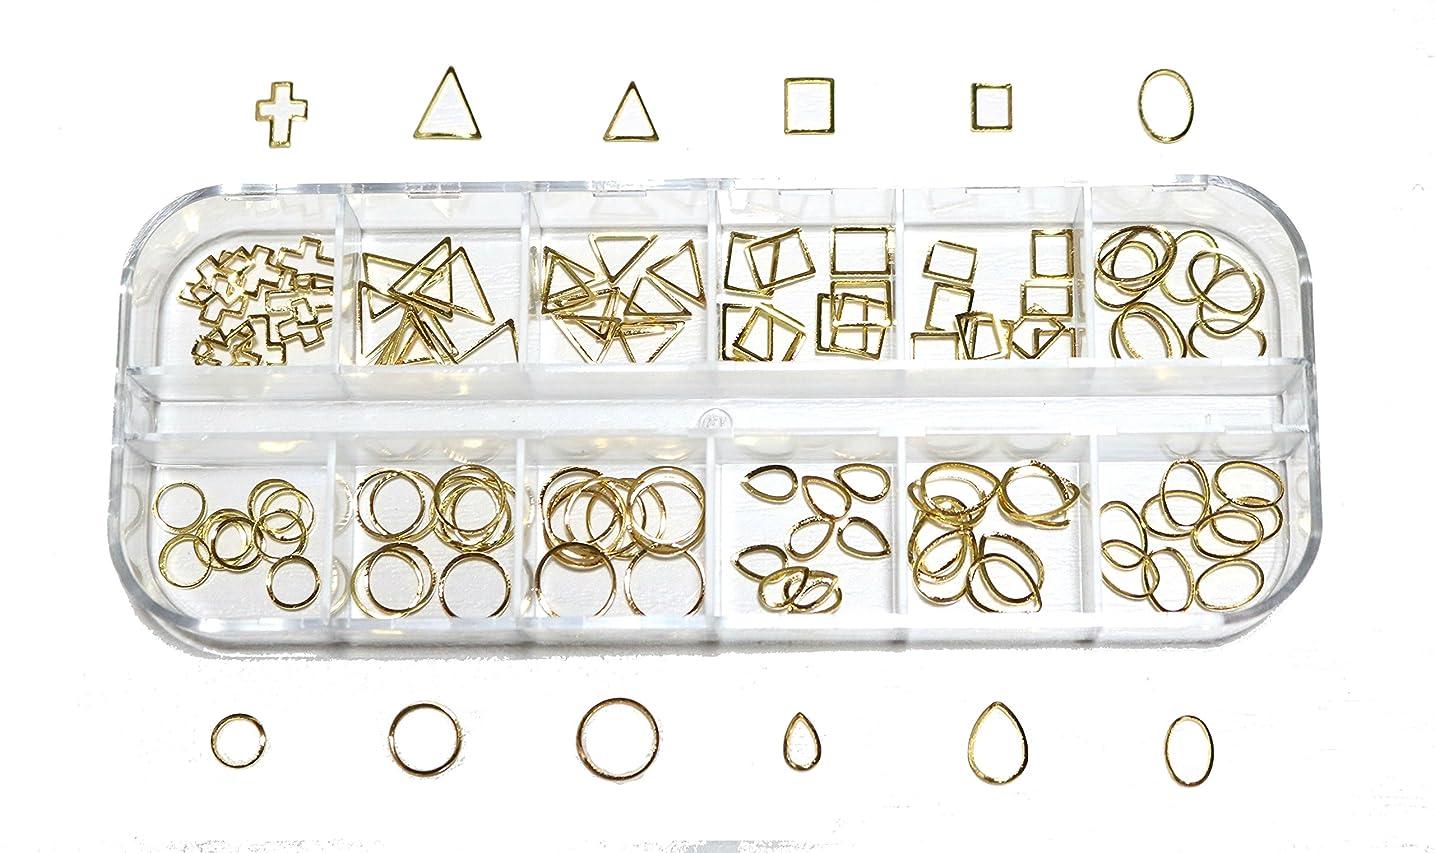 余計なローラー欠乏【jewel】 メタルフレームパーツ ゴールドorシルバー 12種類 各10個入り カラー選択可能☆ (ゴールド)